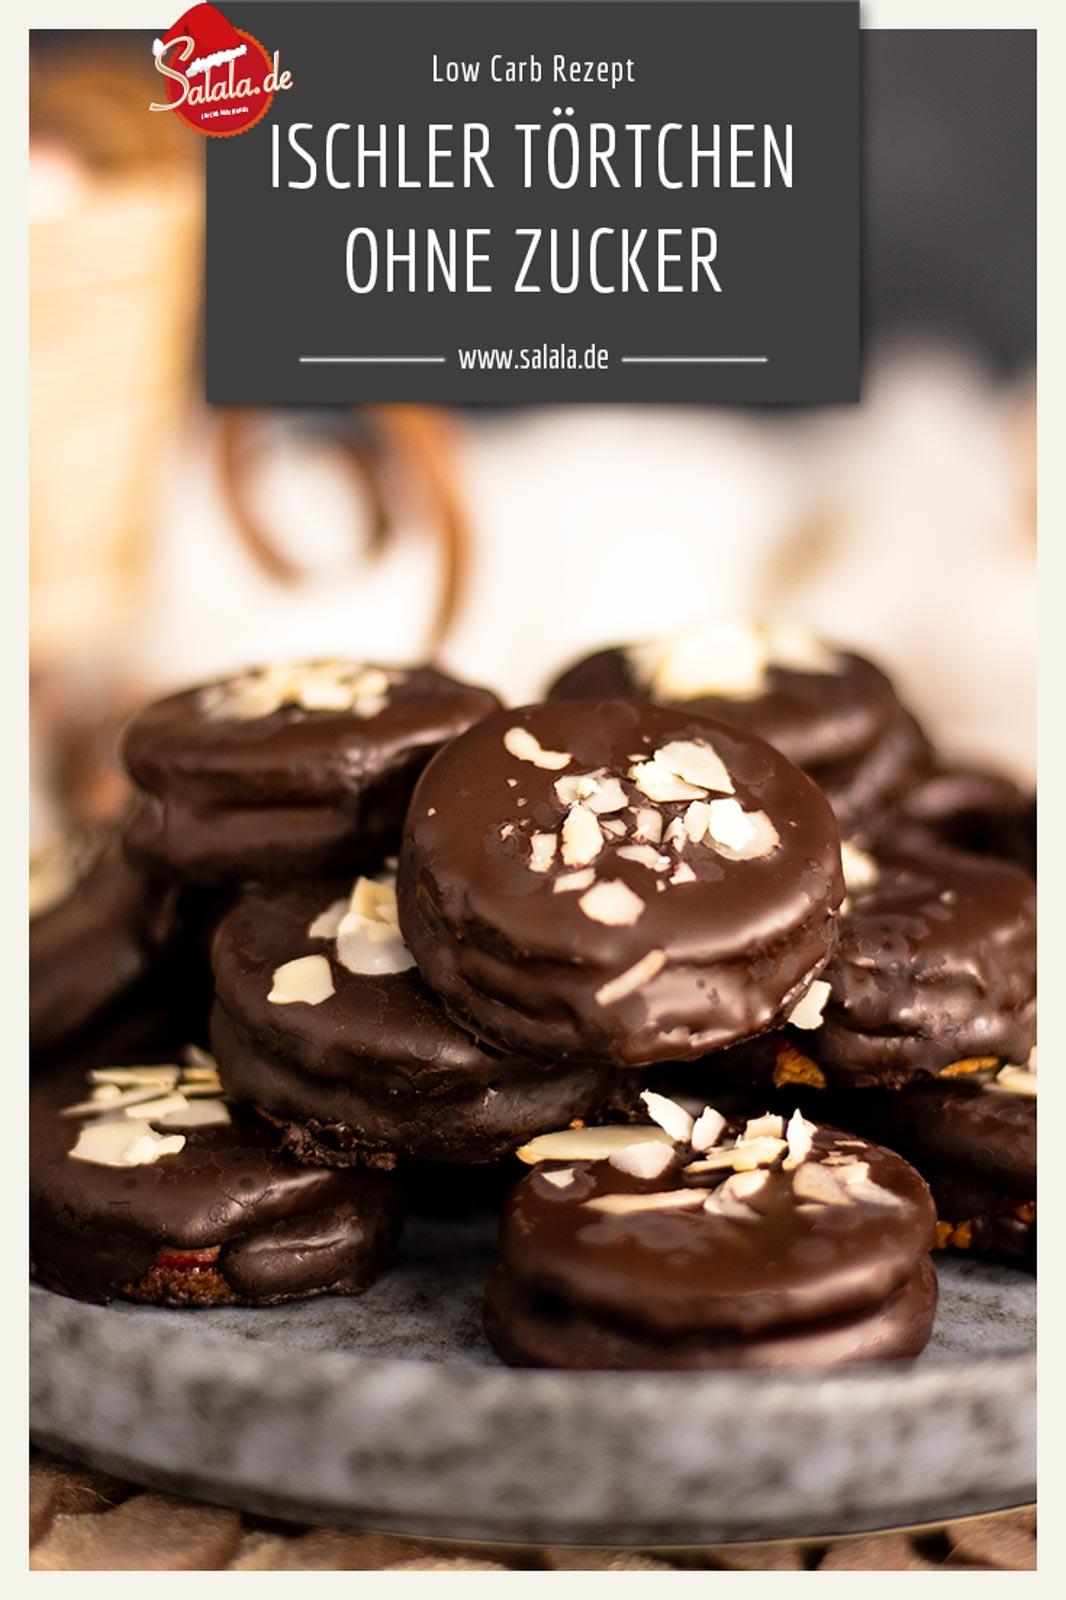 Ischler Törtchen mit Schokoladen-Buttercreme - by salala.de - ohne Zucker und ohne Mehl I Low Carb Plätzchen Rezept mit Marmelade